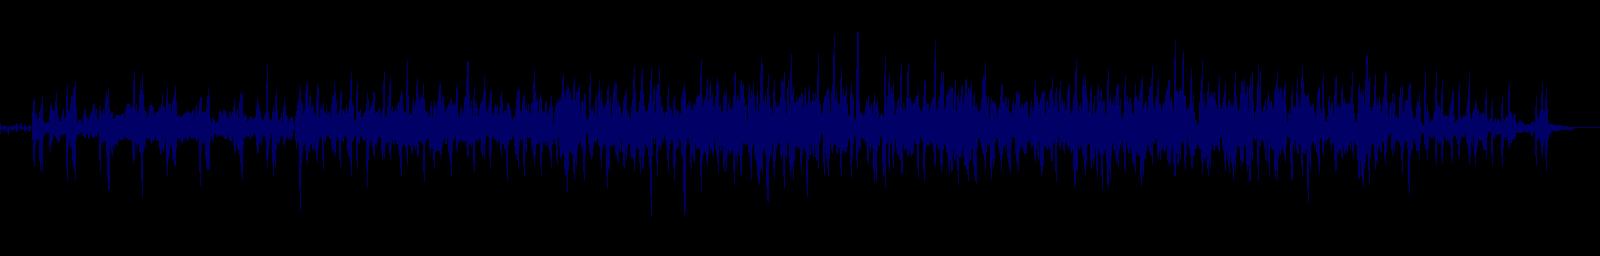 waveform of track #93335